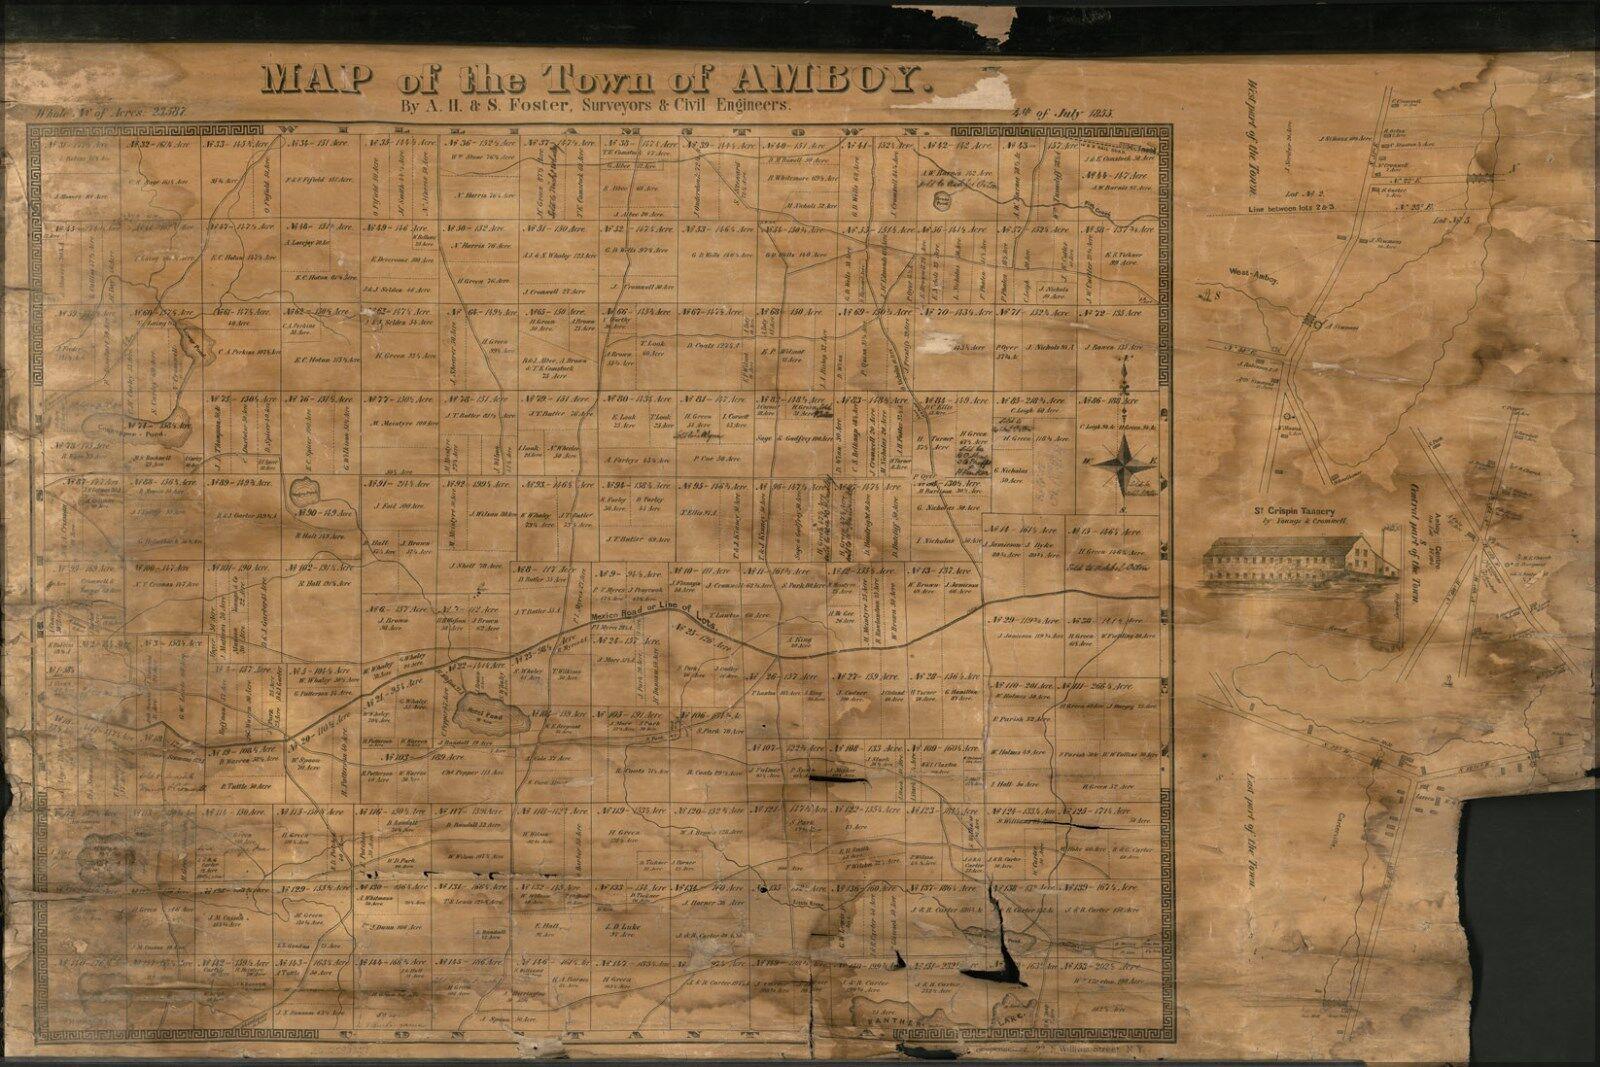 Plakat, Viele Größen; Landkarte der Stadt von Amboy New York